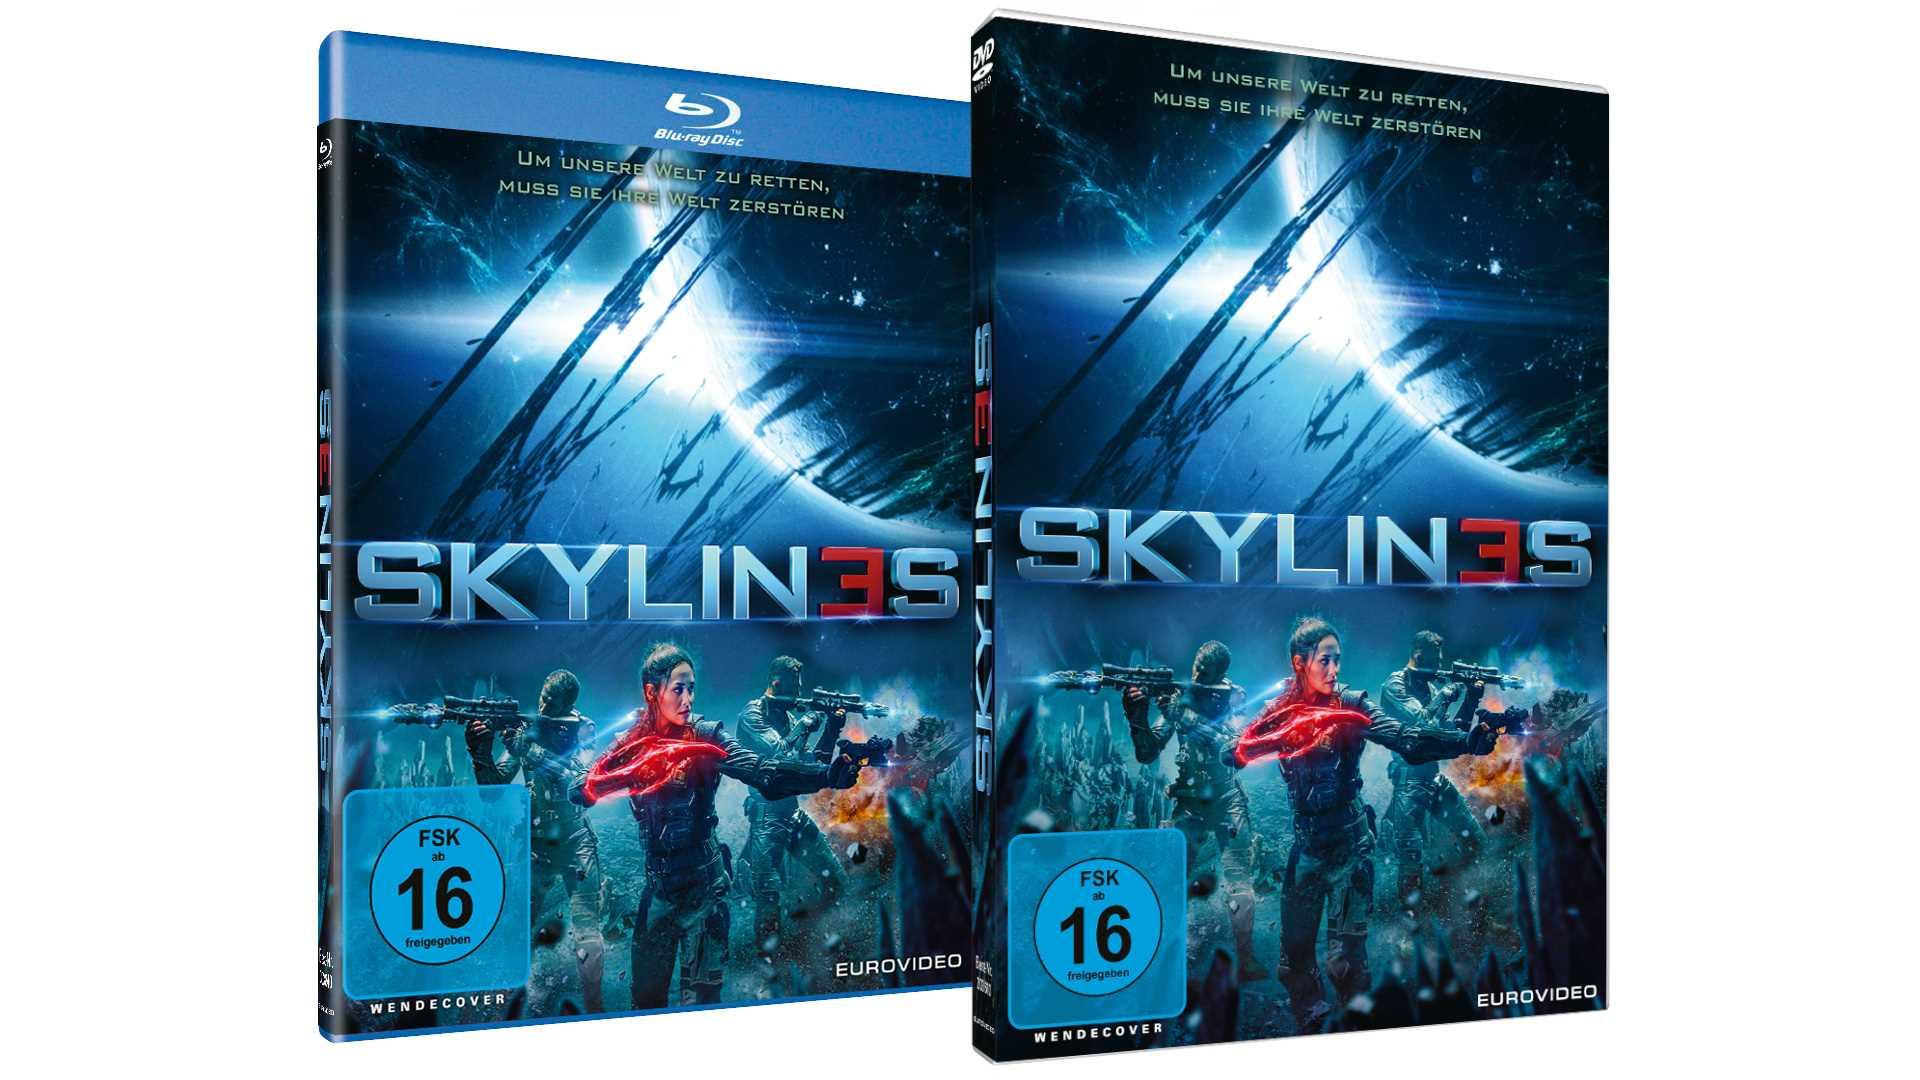 SKYLIN3S - Gewinnspiel DVD und BD